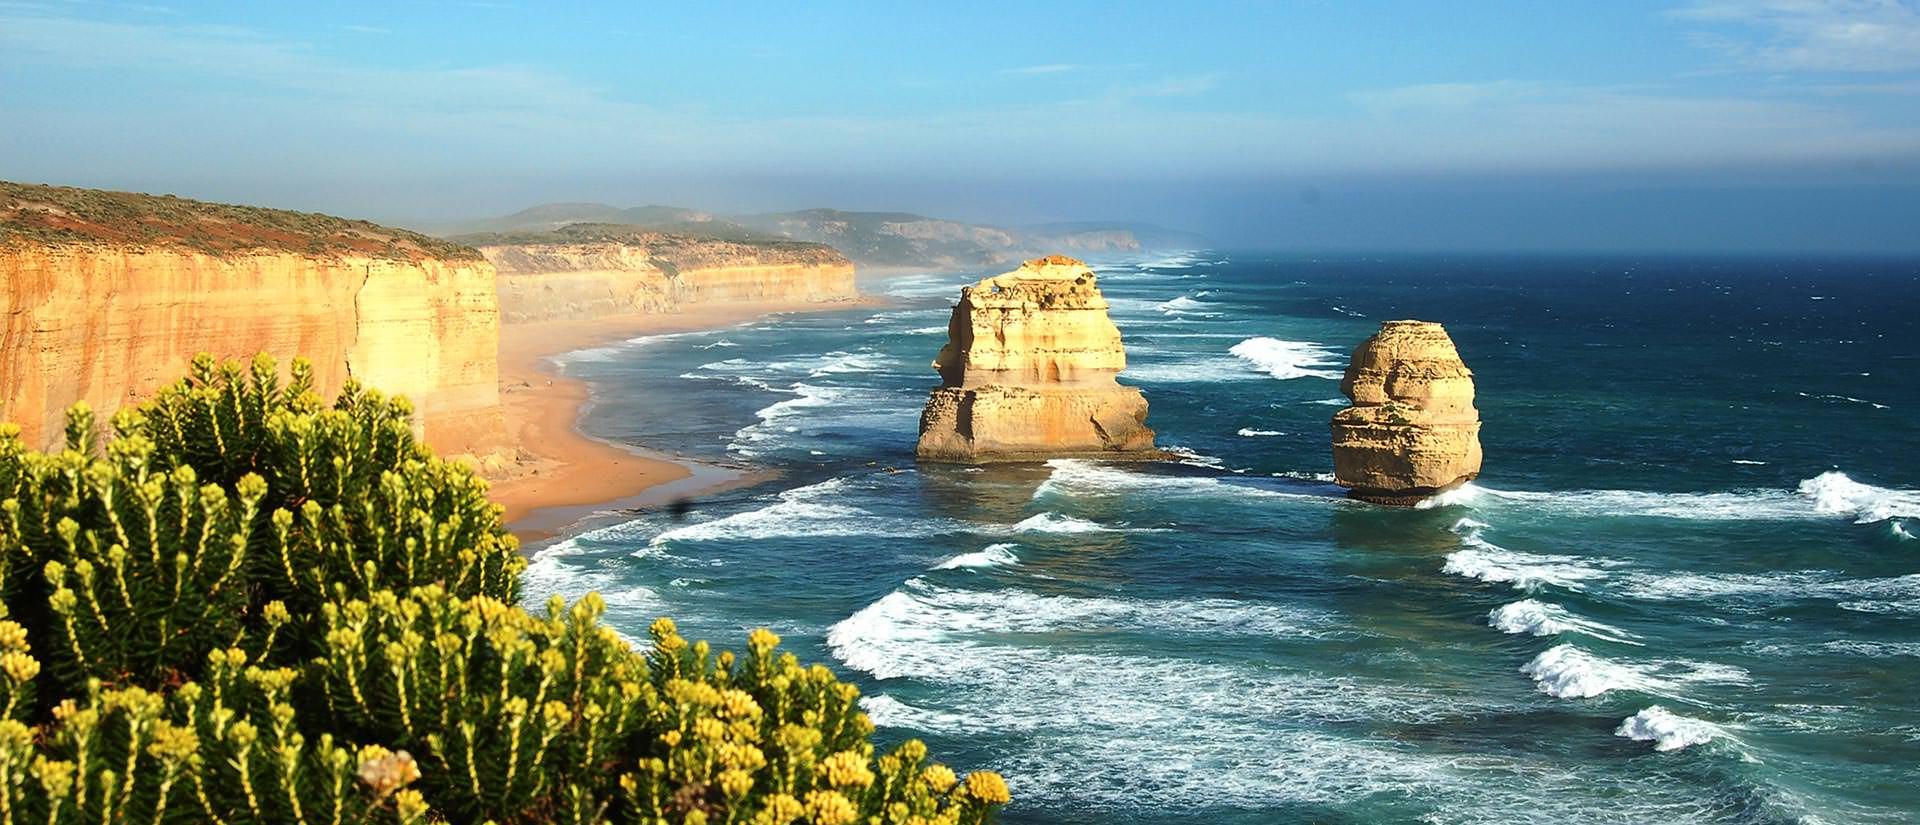 טיולים פרטיים לאוסטרליה והפסיפיק לנוסע העצמאי